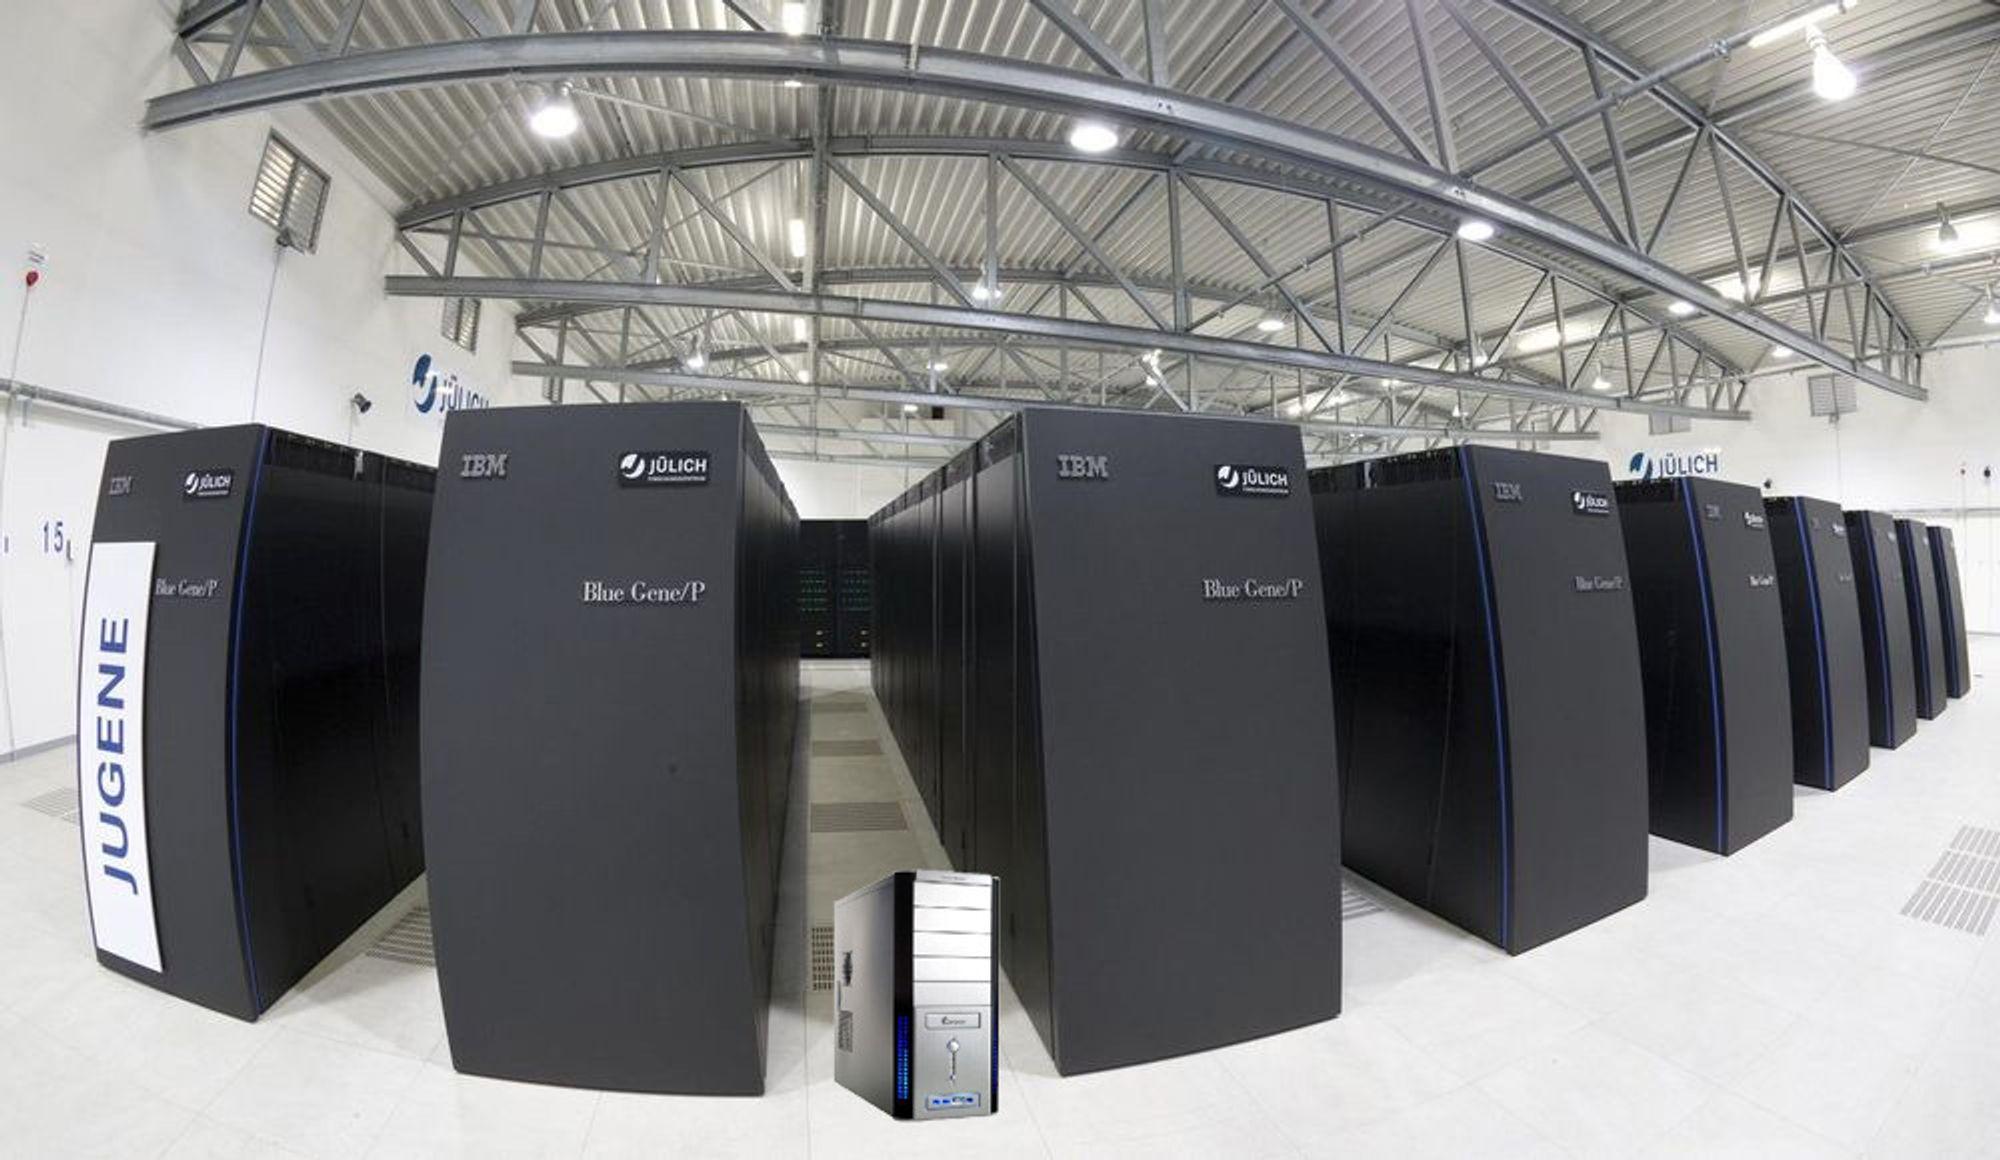 En regnejobb som superdatamaskinen JUGENE for noen år siden brukte flere dager på, kan i dag utføres på en vanlig pc. PC-en på bildet er vilkårlig valgt.